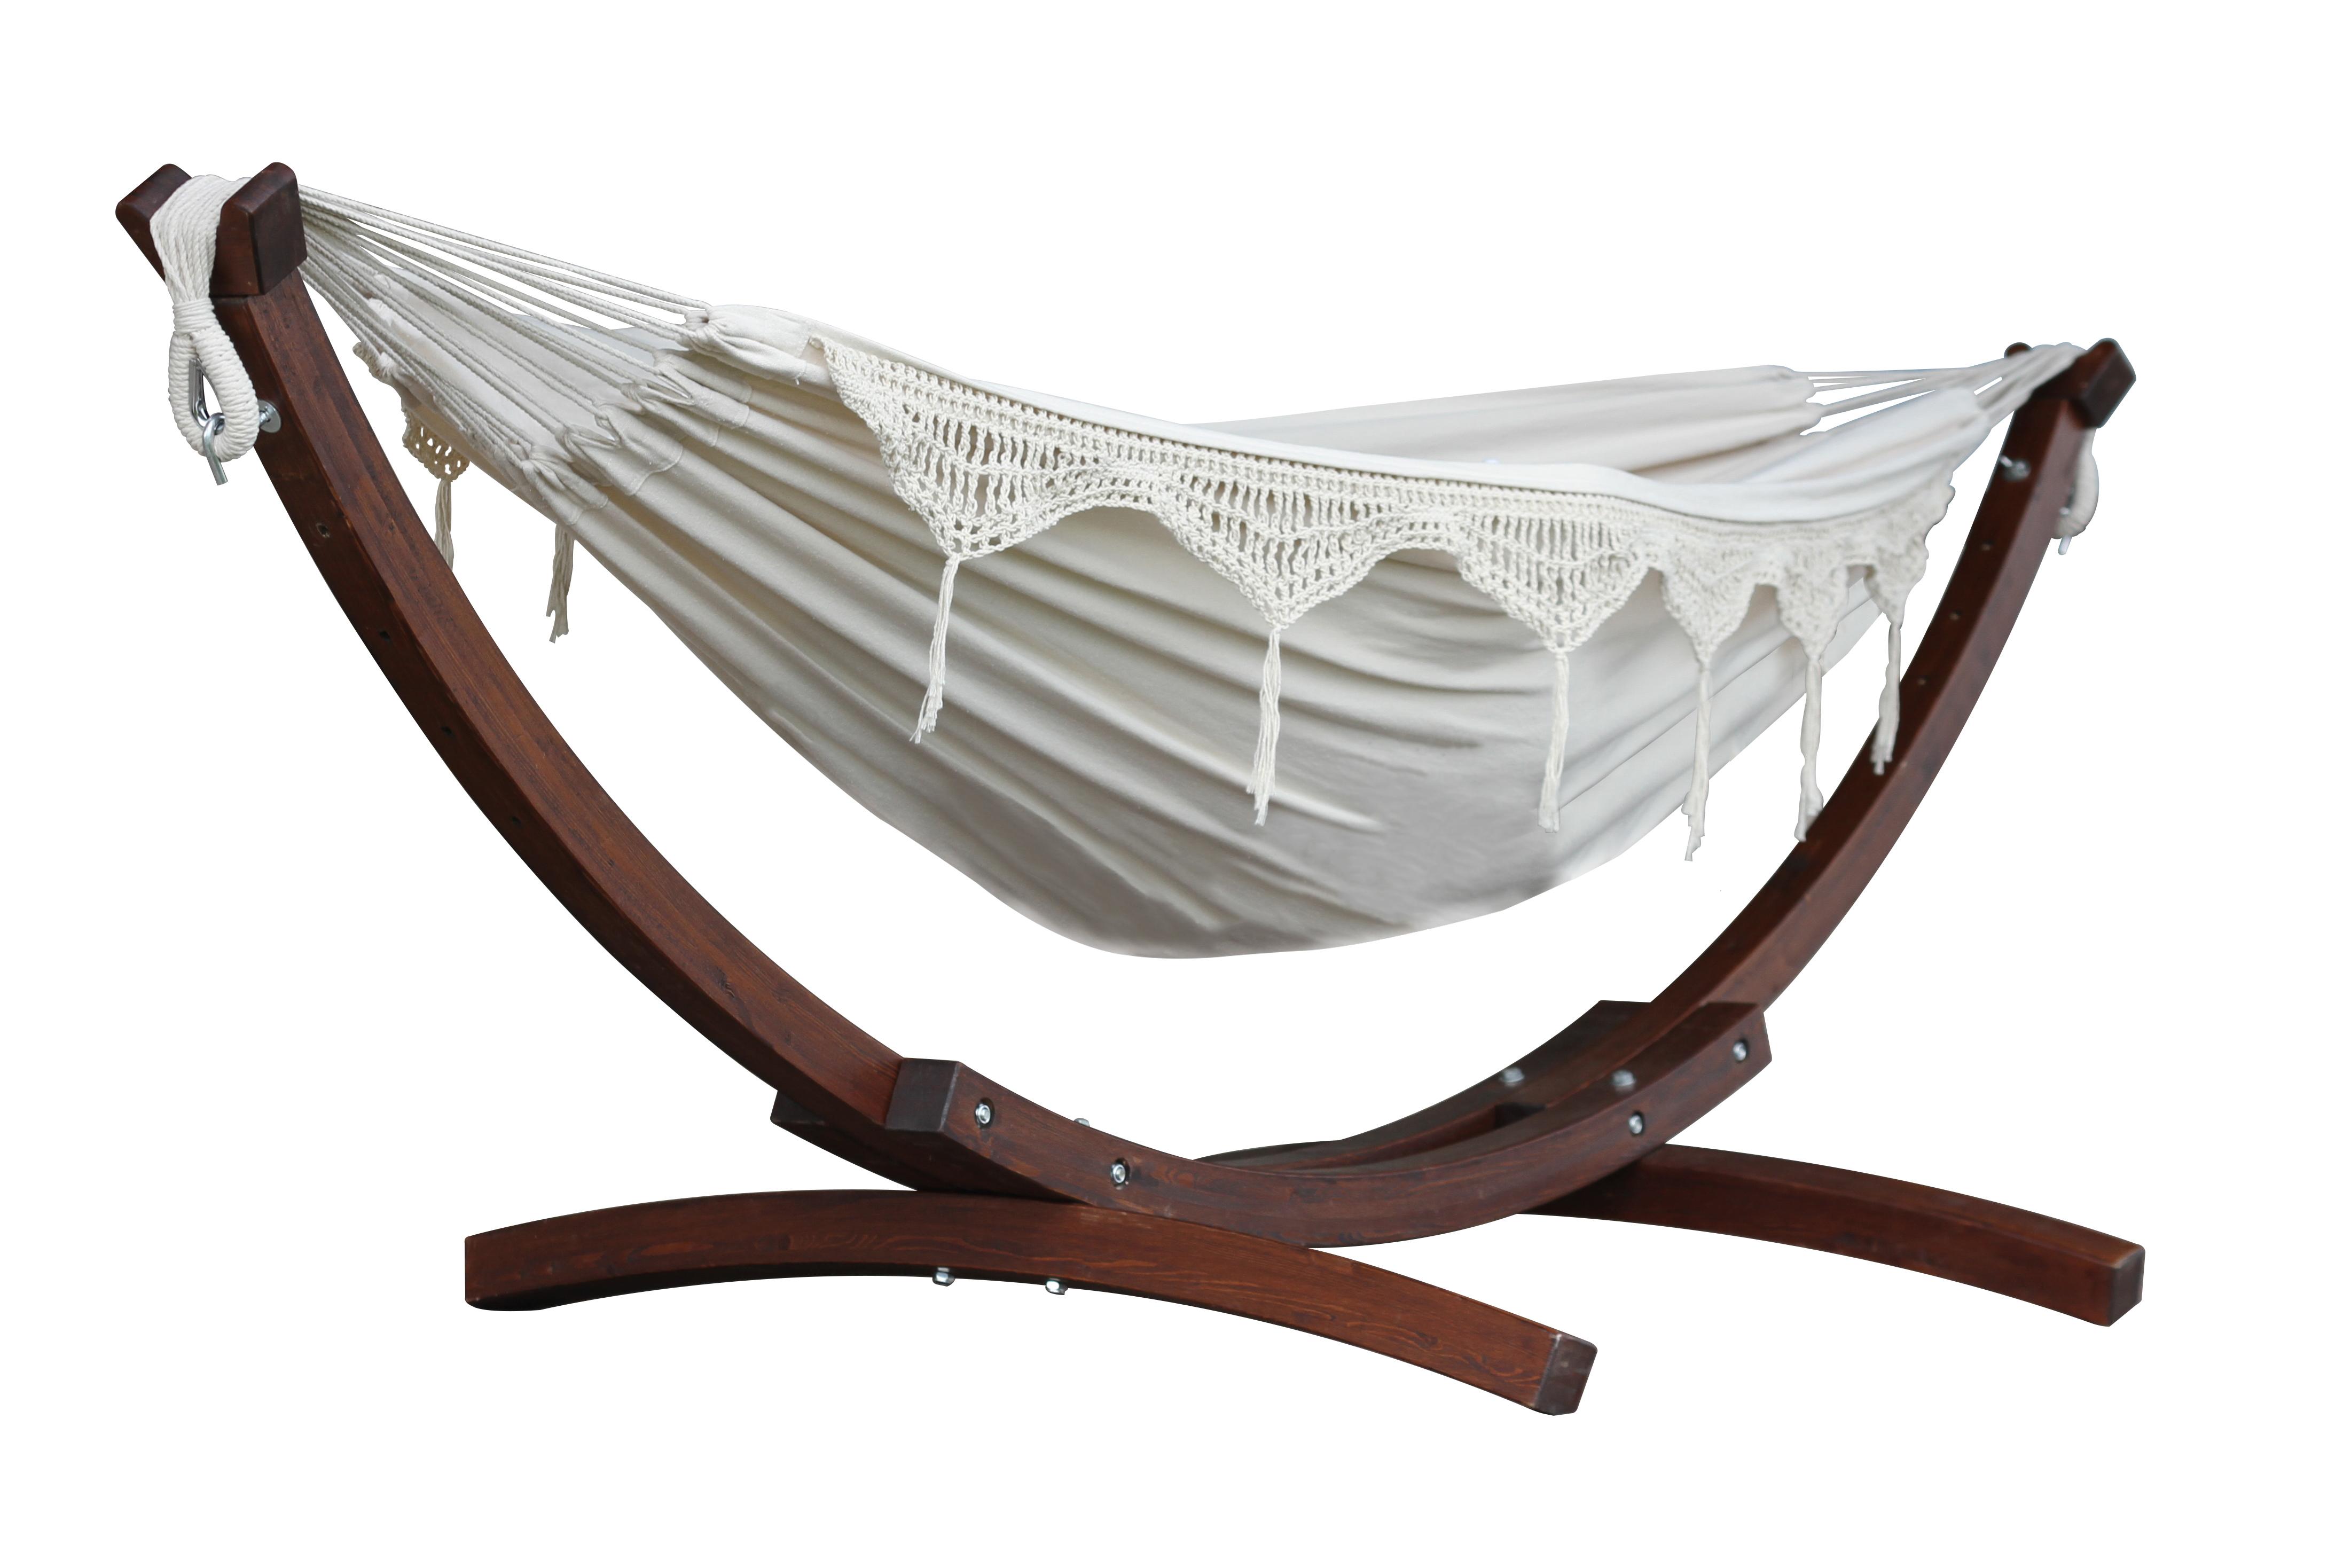 2 Persoons Hangmat Met Houten Standaard.Vivere Combo Dubbele Katoenen Hangmat Met Massief Houten Standaard Naturel